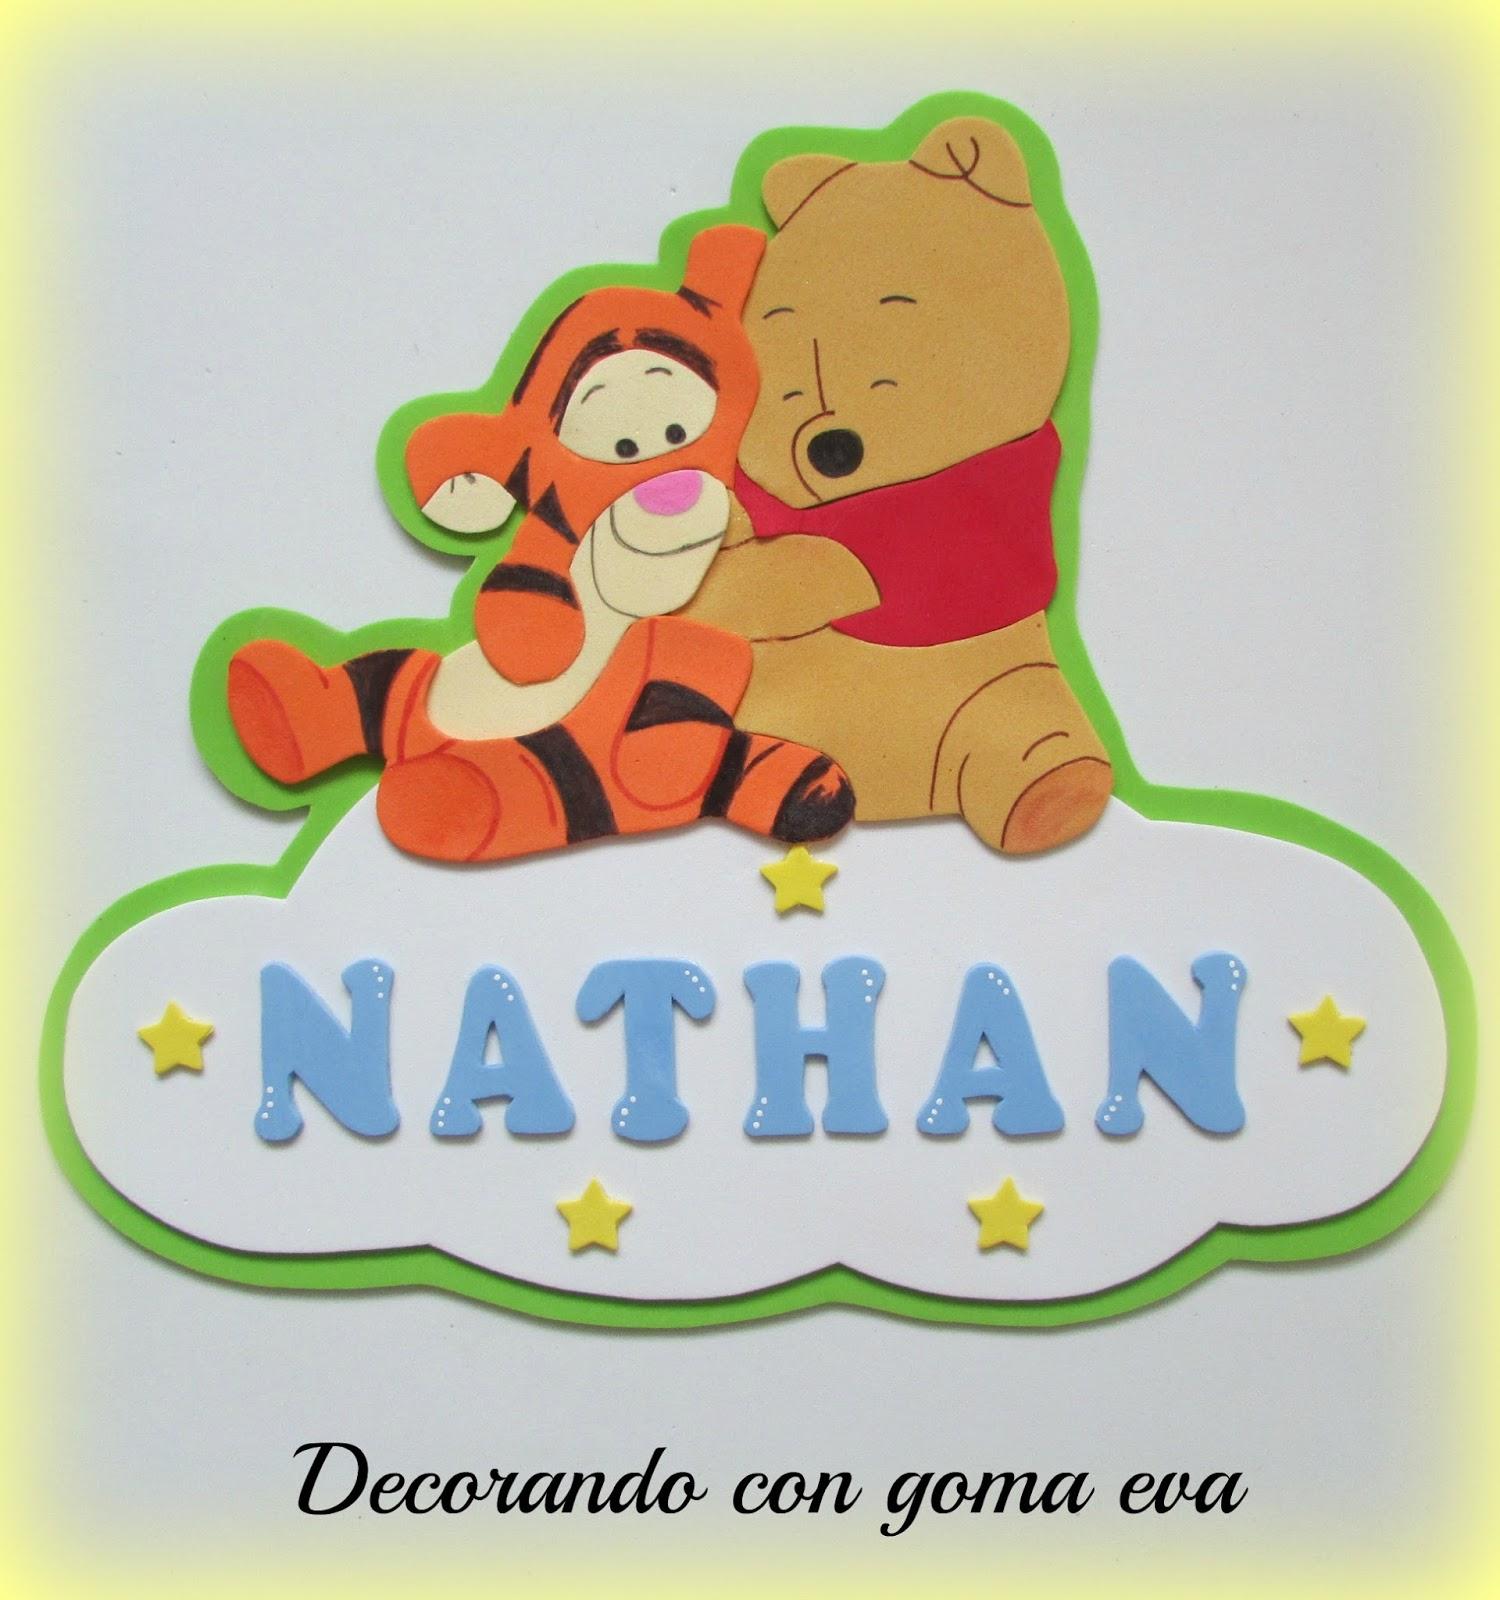 Decorando con goma eva cartel para la puerta con winnie - Habitacion winnie the pooh ...